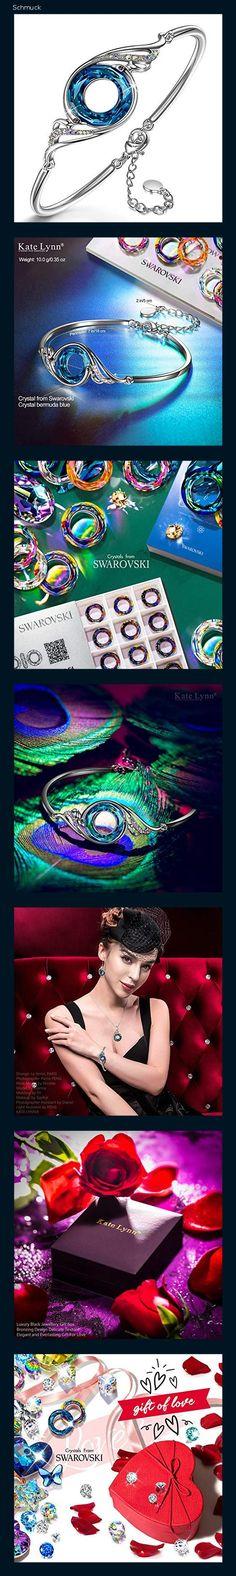 Kate Lynn Armband Frauen schmuck Damen Swarovski Kristallarmband geschenkset schmuckkästchen Geschenke für Frauen Mama Frau Freundin Mädchen Freunde Jahrestag Geschenkidee - 14hd